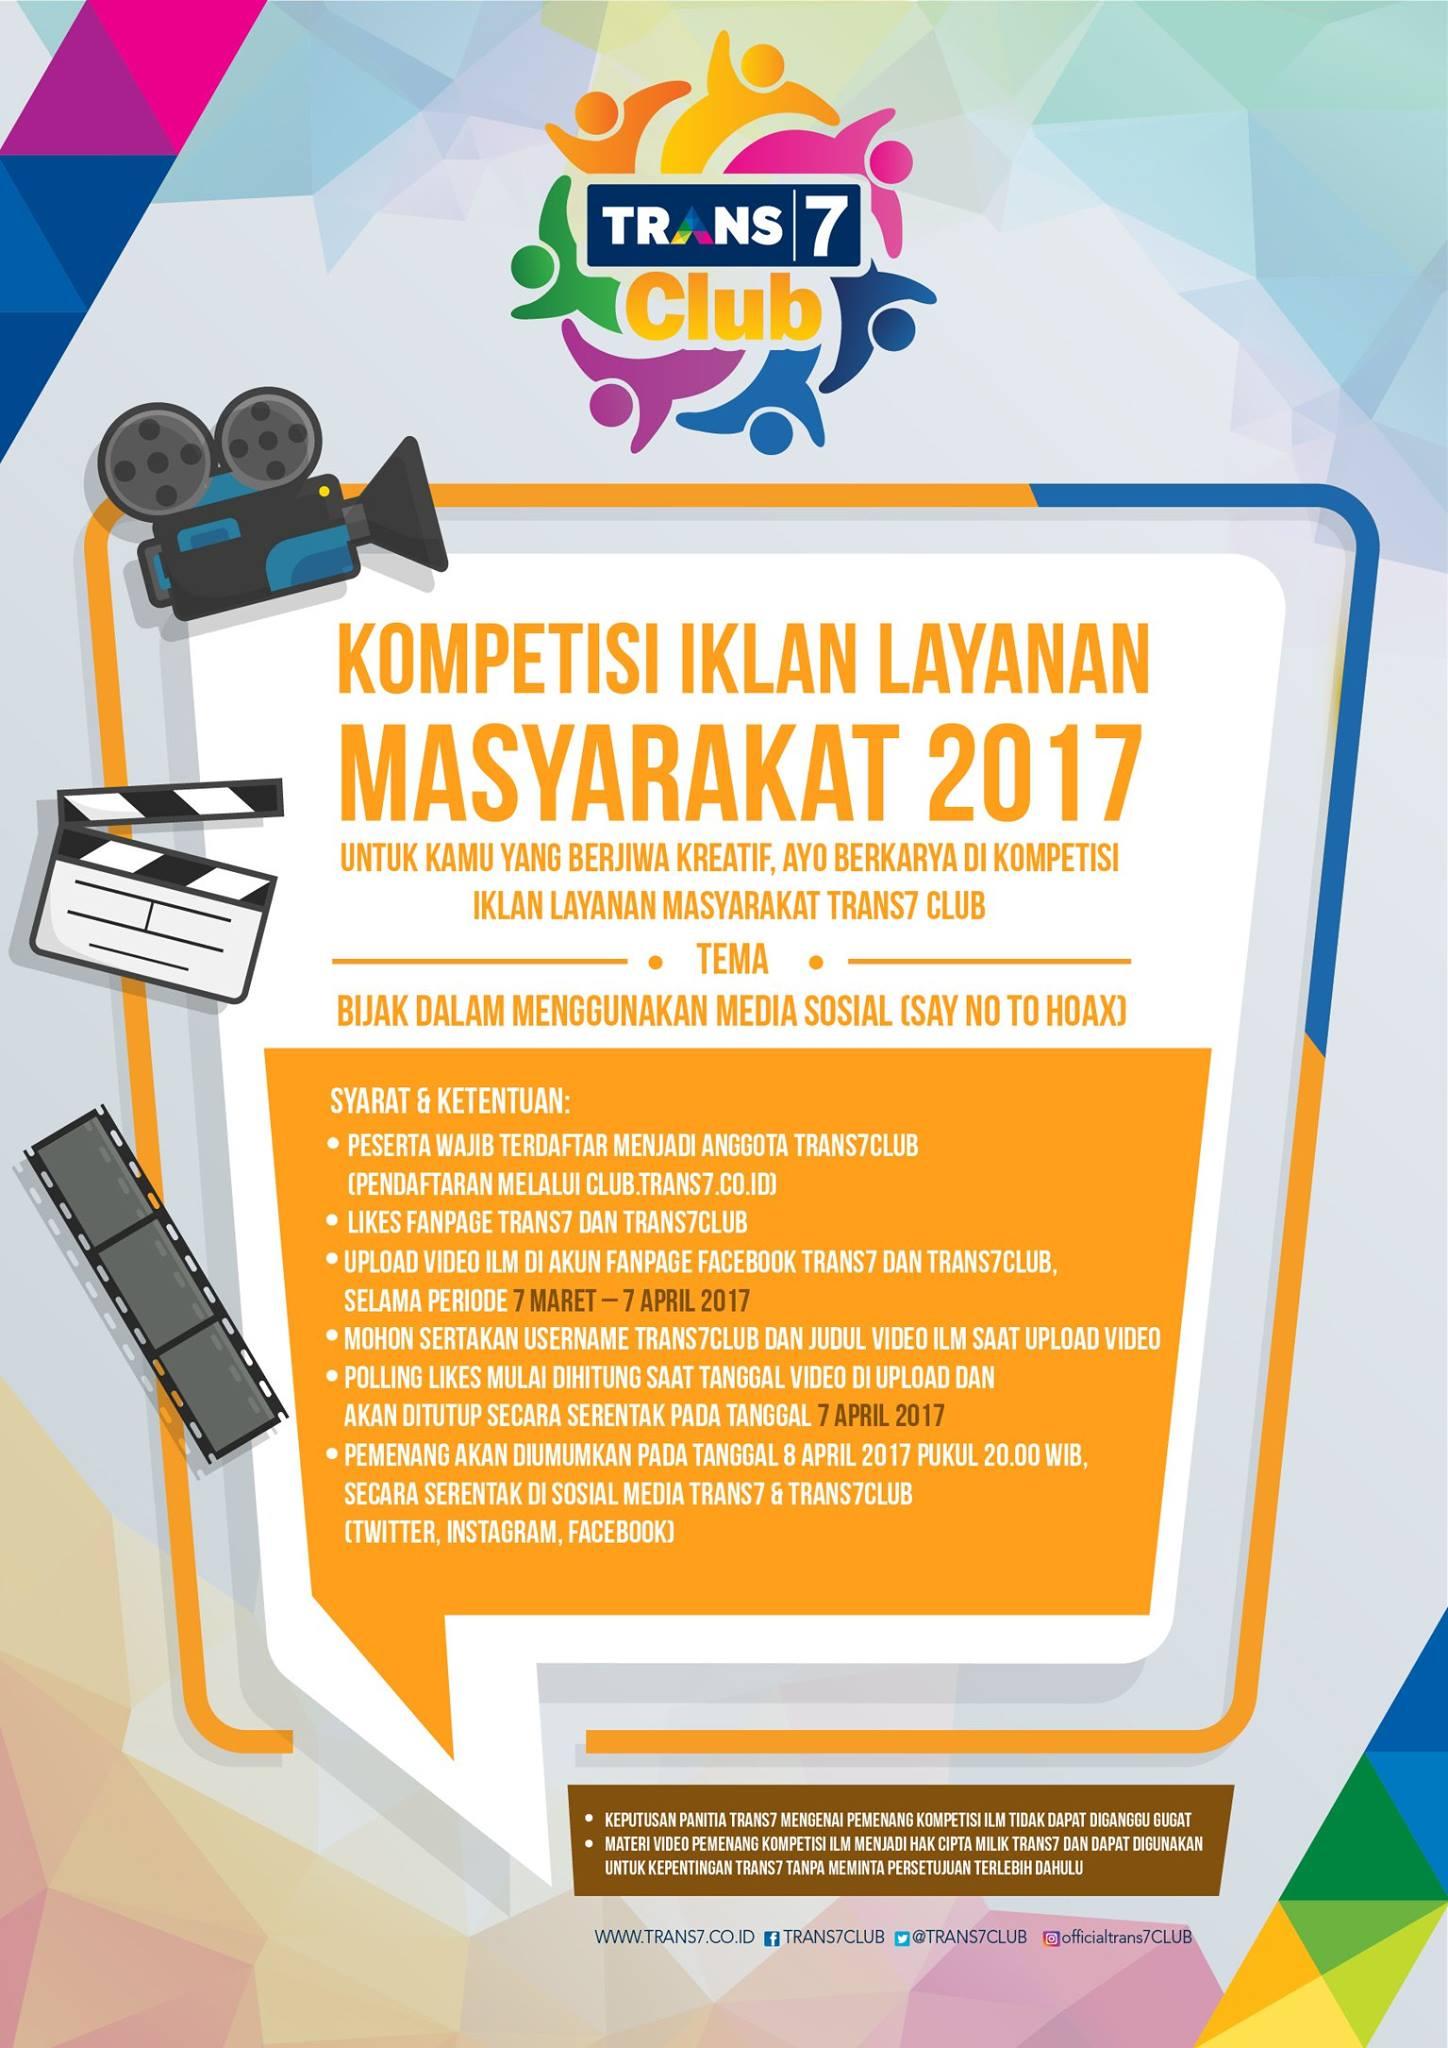 Kompetisi Iklan Layanan Masyarakat 2017 dari Trans7 Club